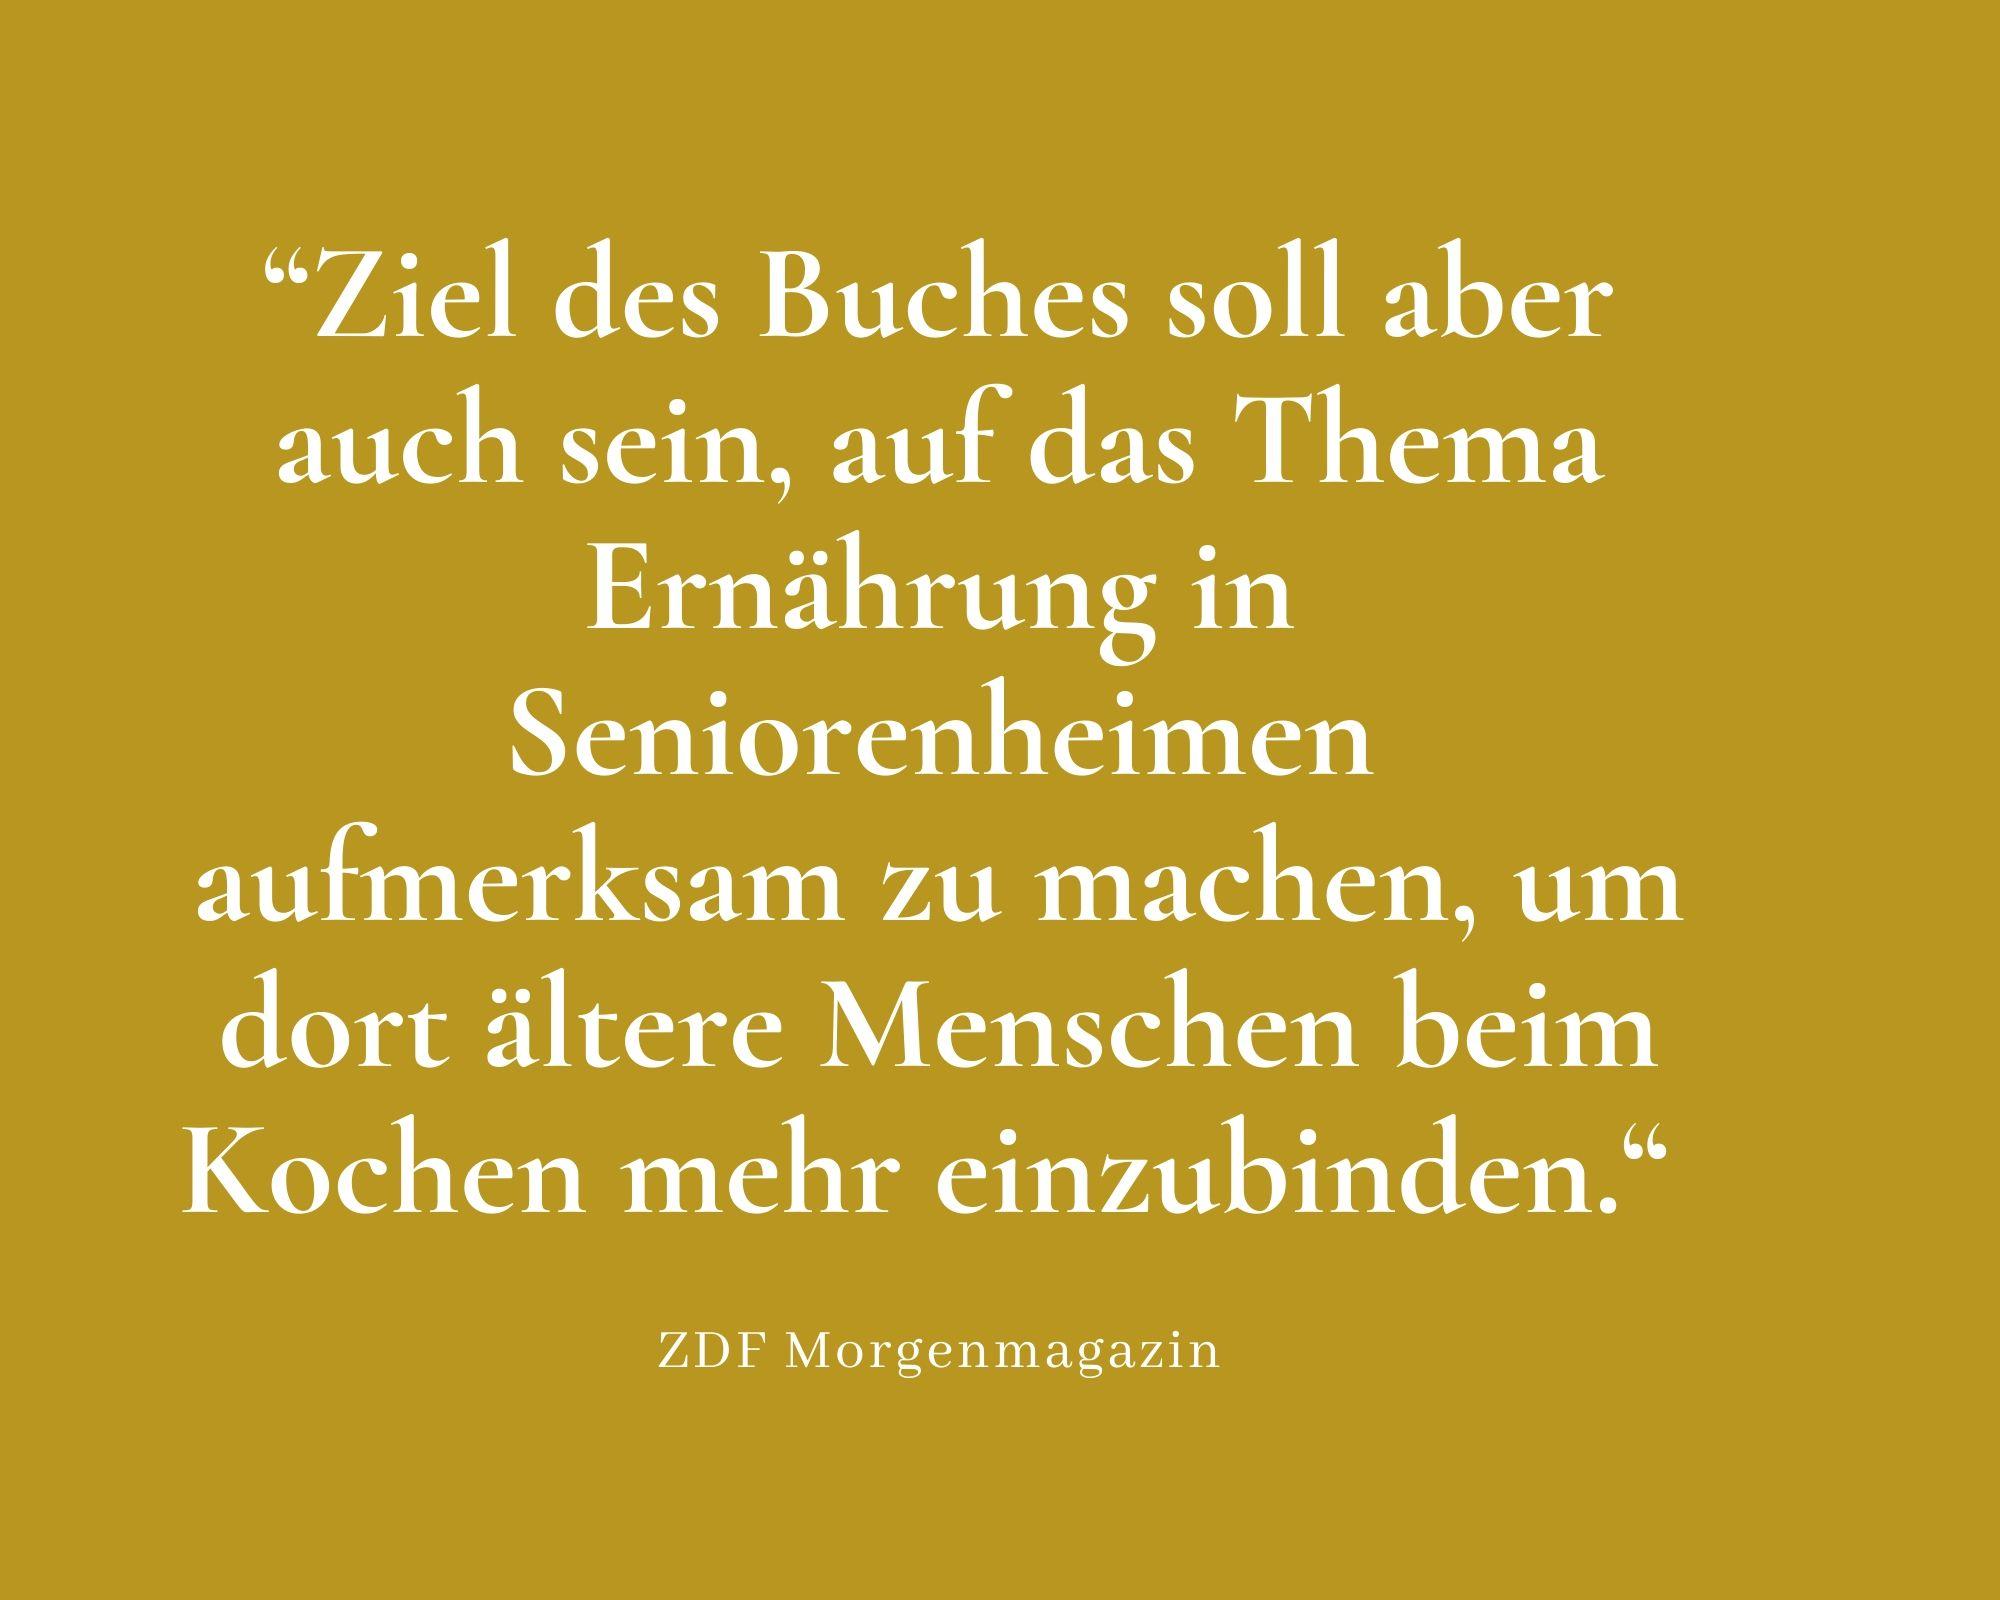 Presse Zitate ZDF Morgenmagazin (1)